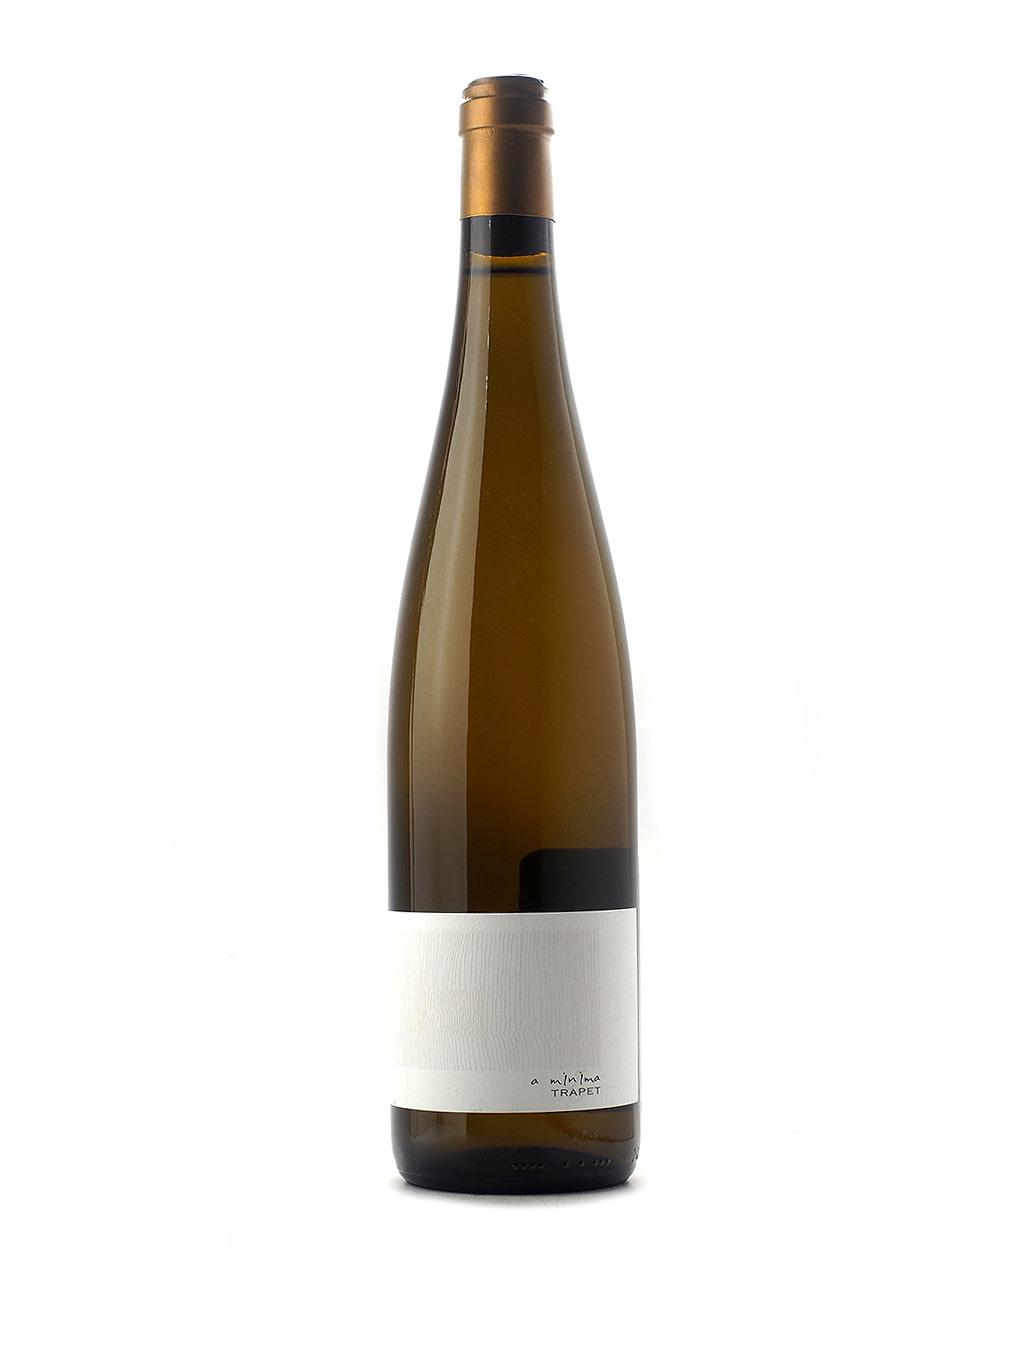 Domaine Trapet Père & Fils Alsace A Minima Blanc 2019